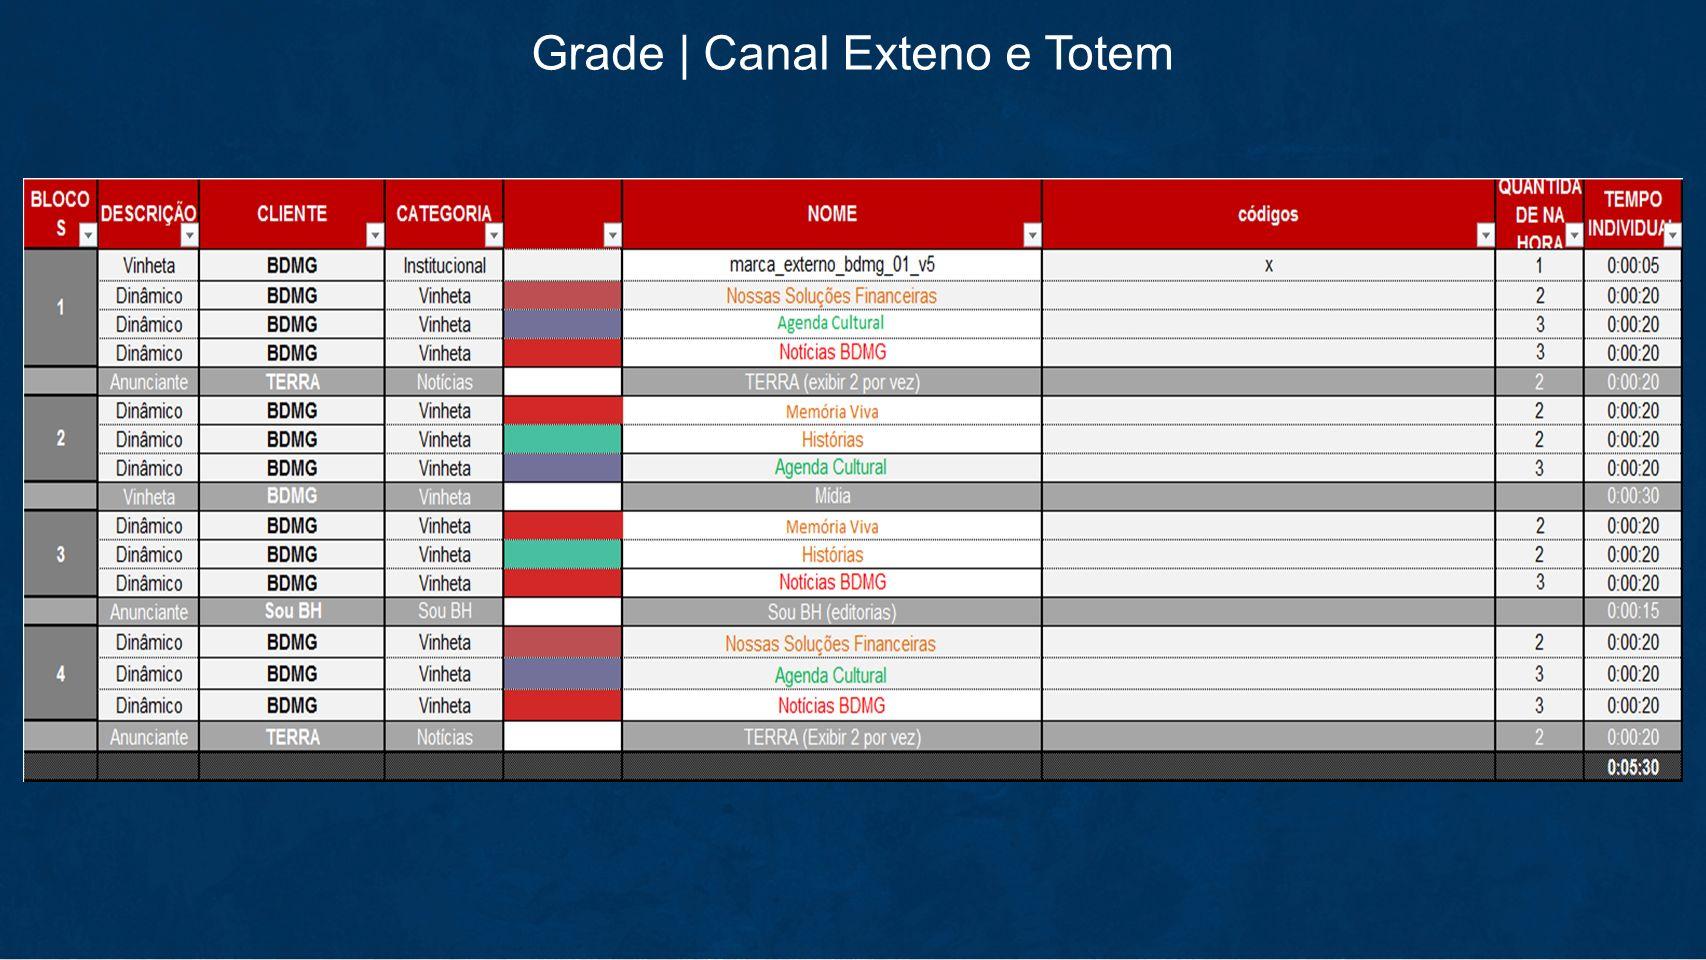 Grade | Canal Exteno e Totem